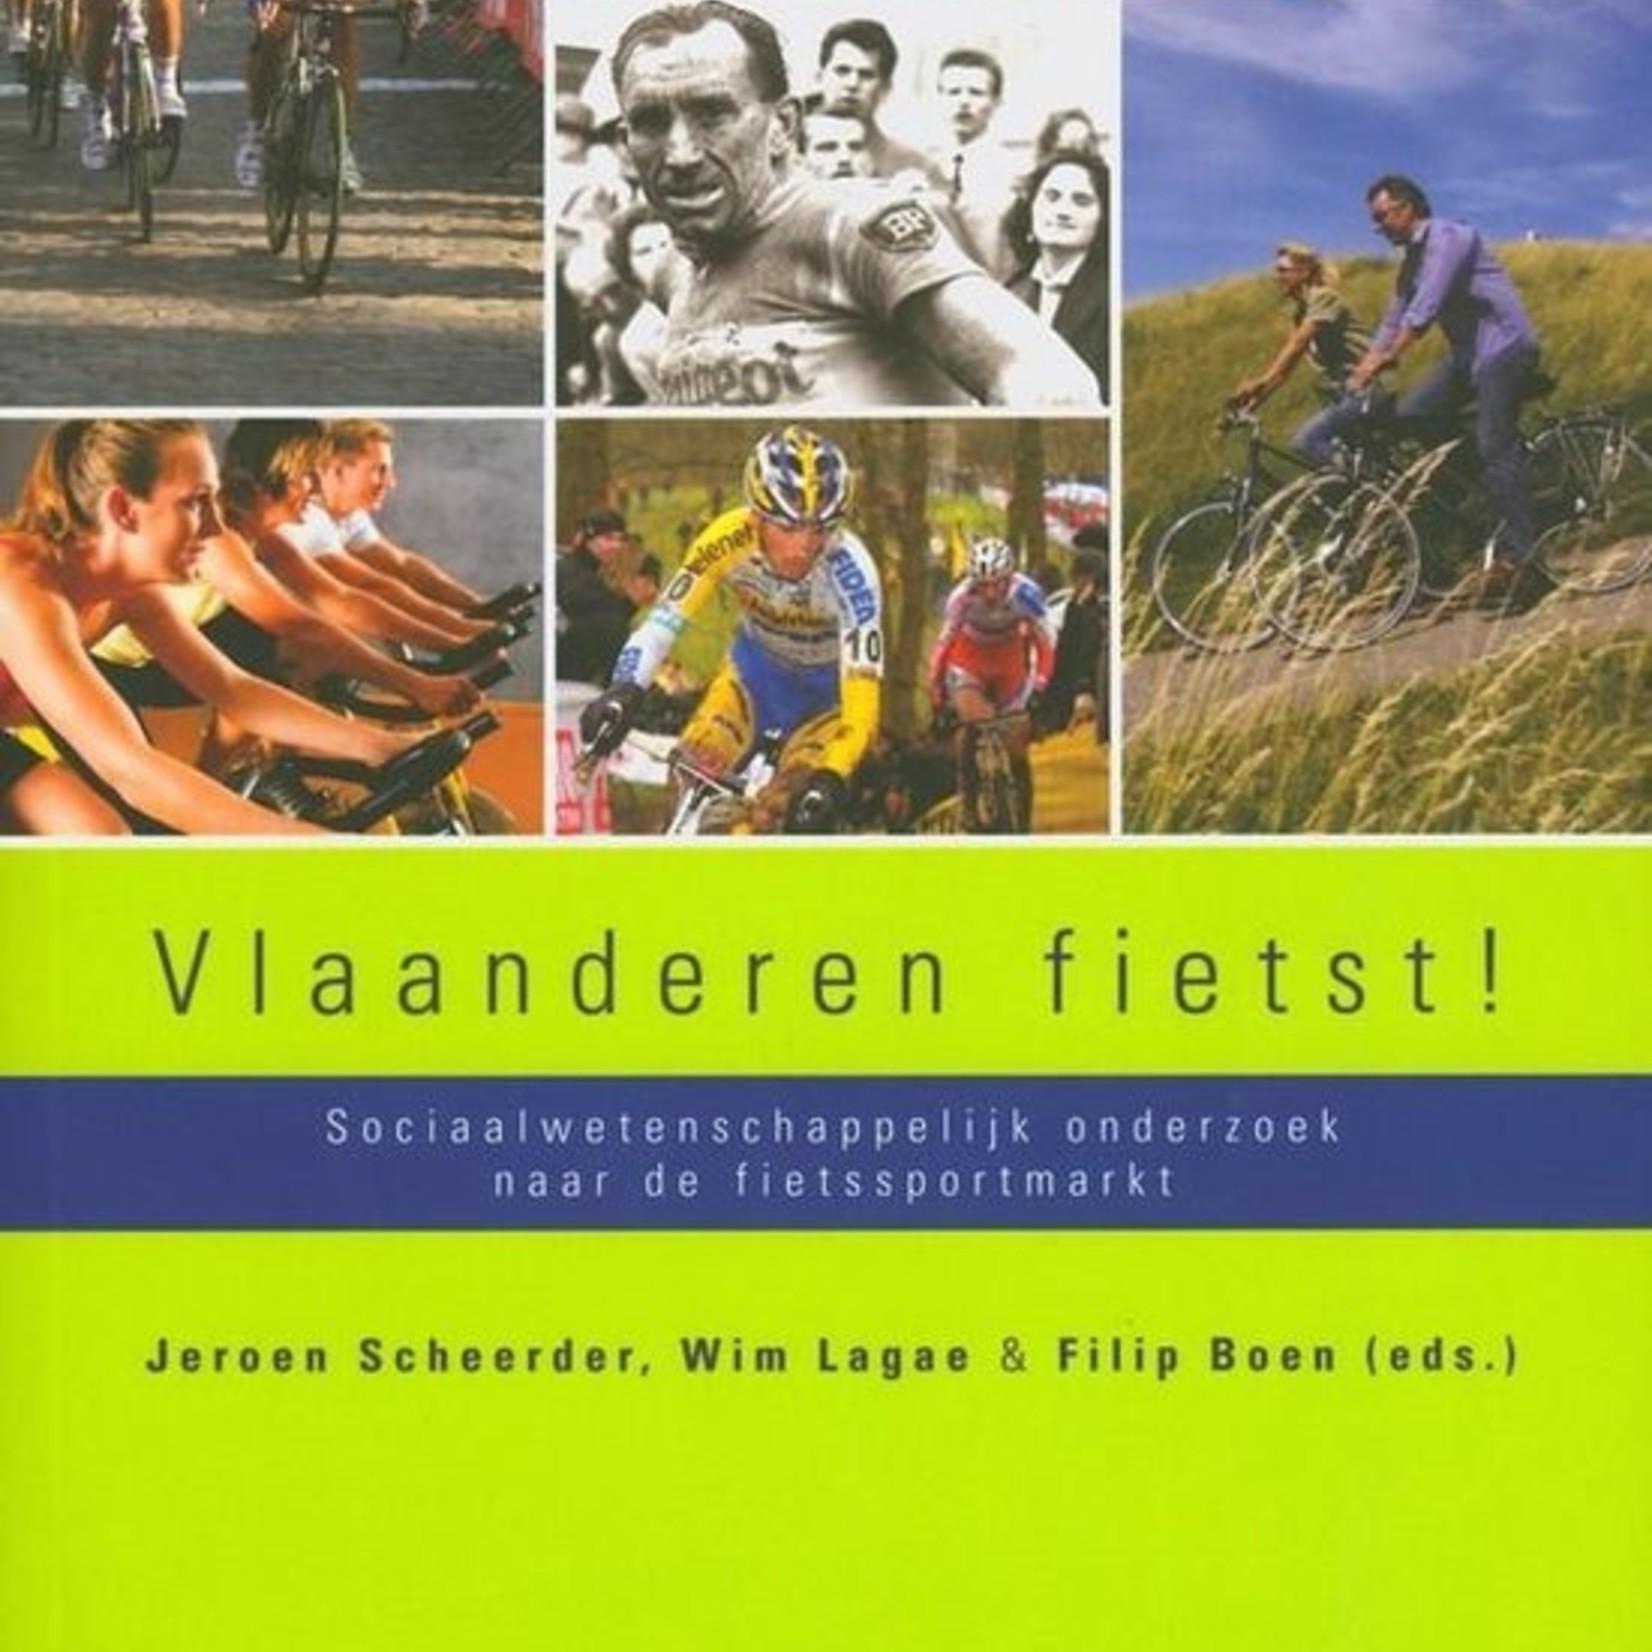 Boek 'Vlaanderen fietst!